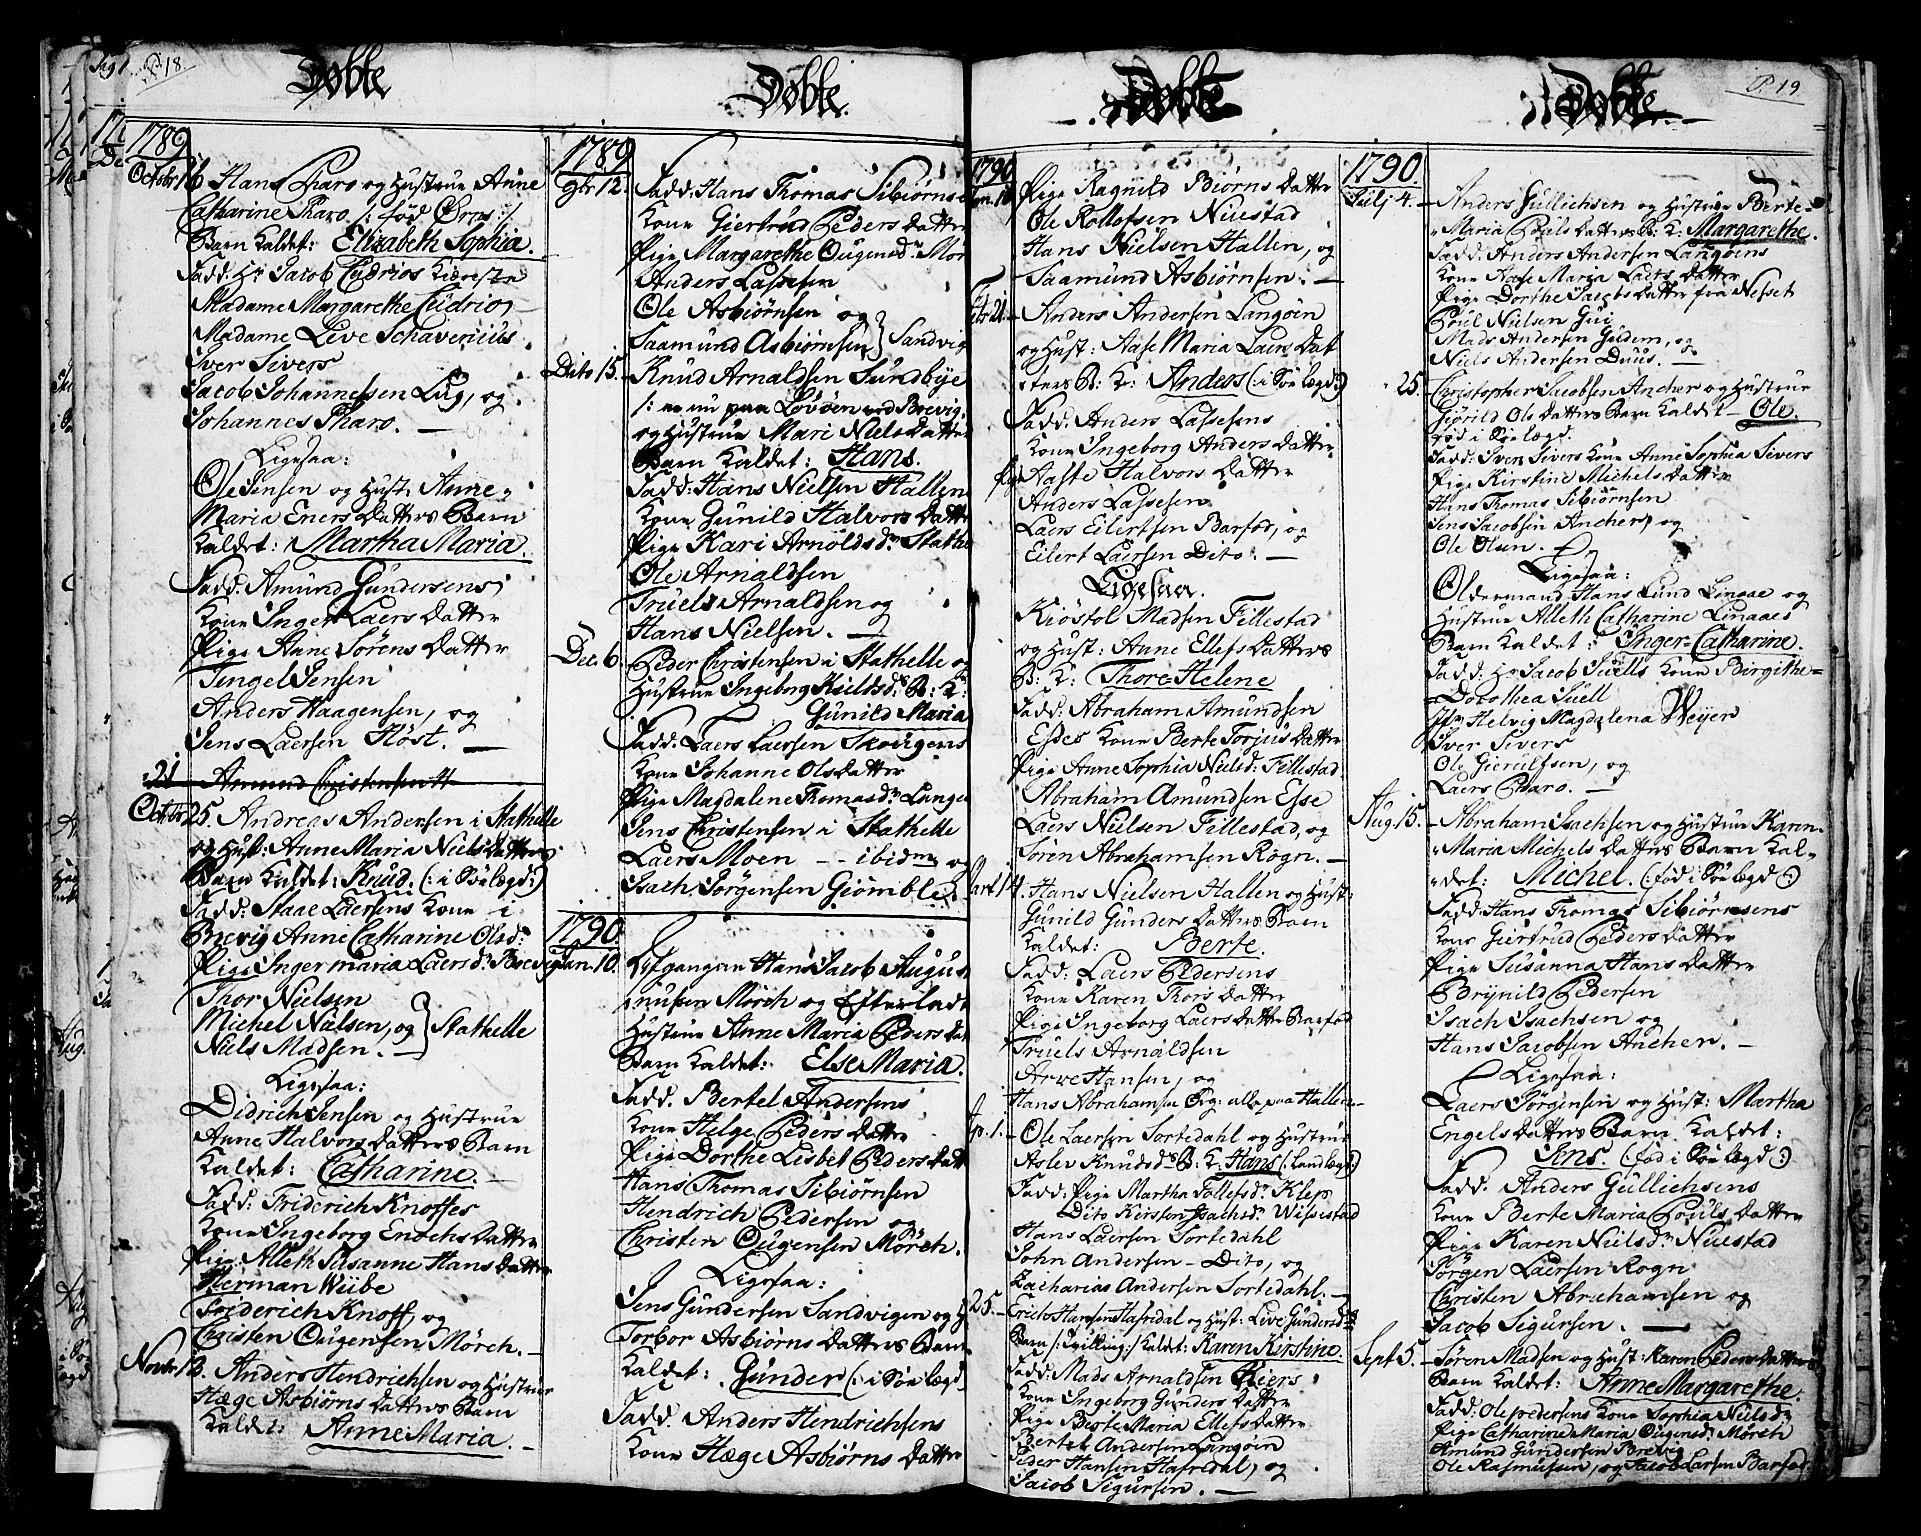 SAKO, Langesund kirkebøker, G/Ga/L0001: Klokkerbok nr. 1, 1783-1801, s. 18-19